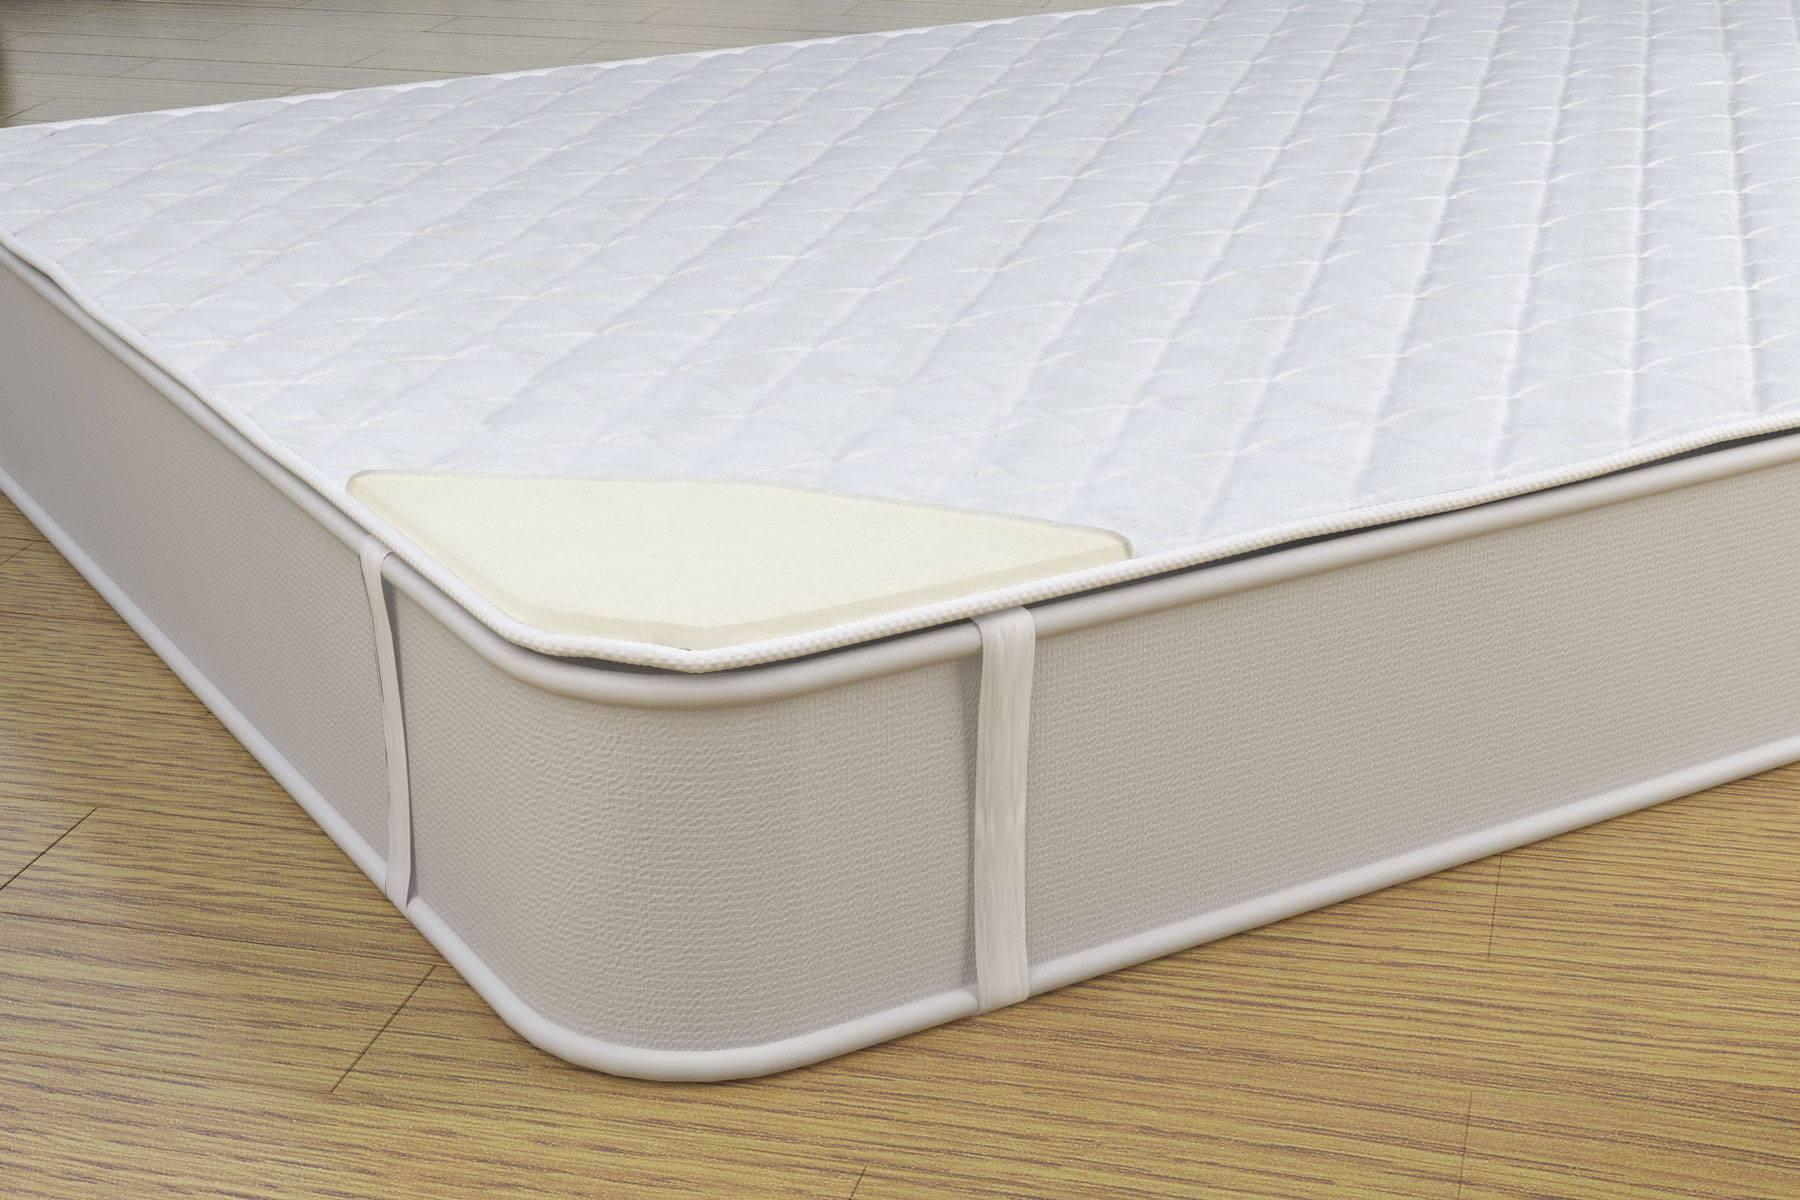 где купить матрас для кровати в ижевске